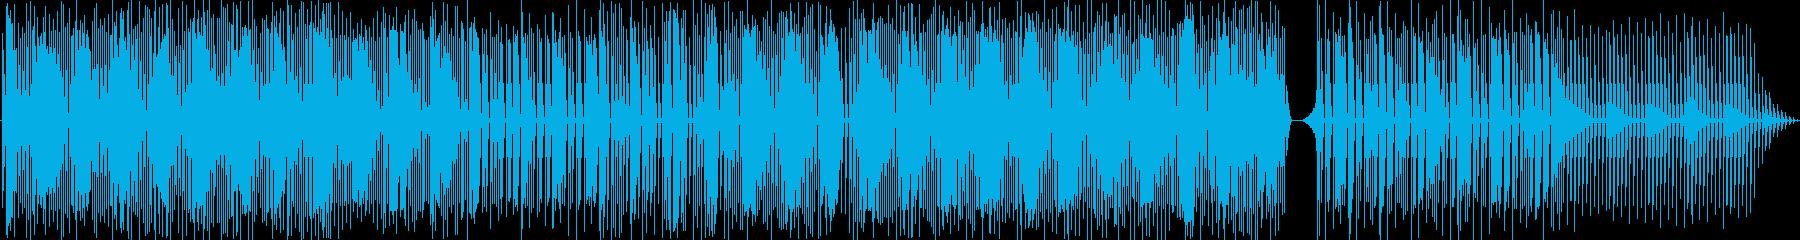 攻撃、混乱、の再生済みの波形